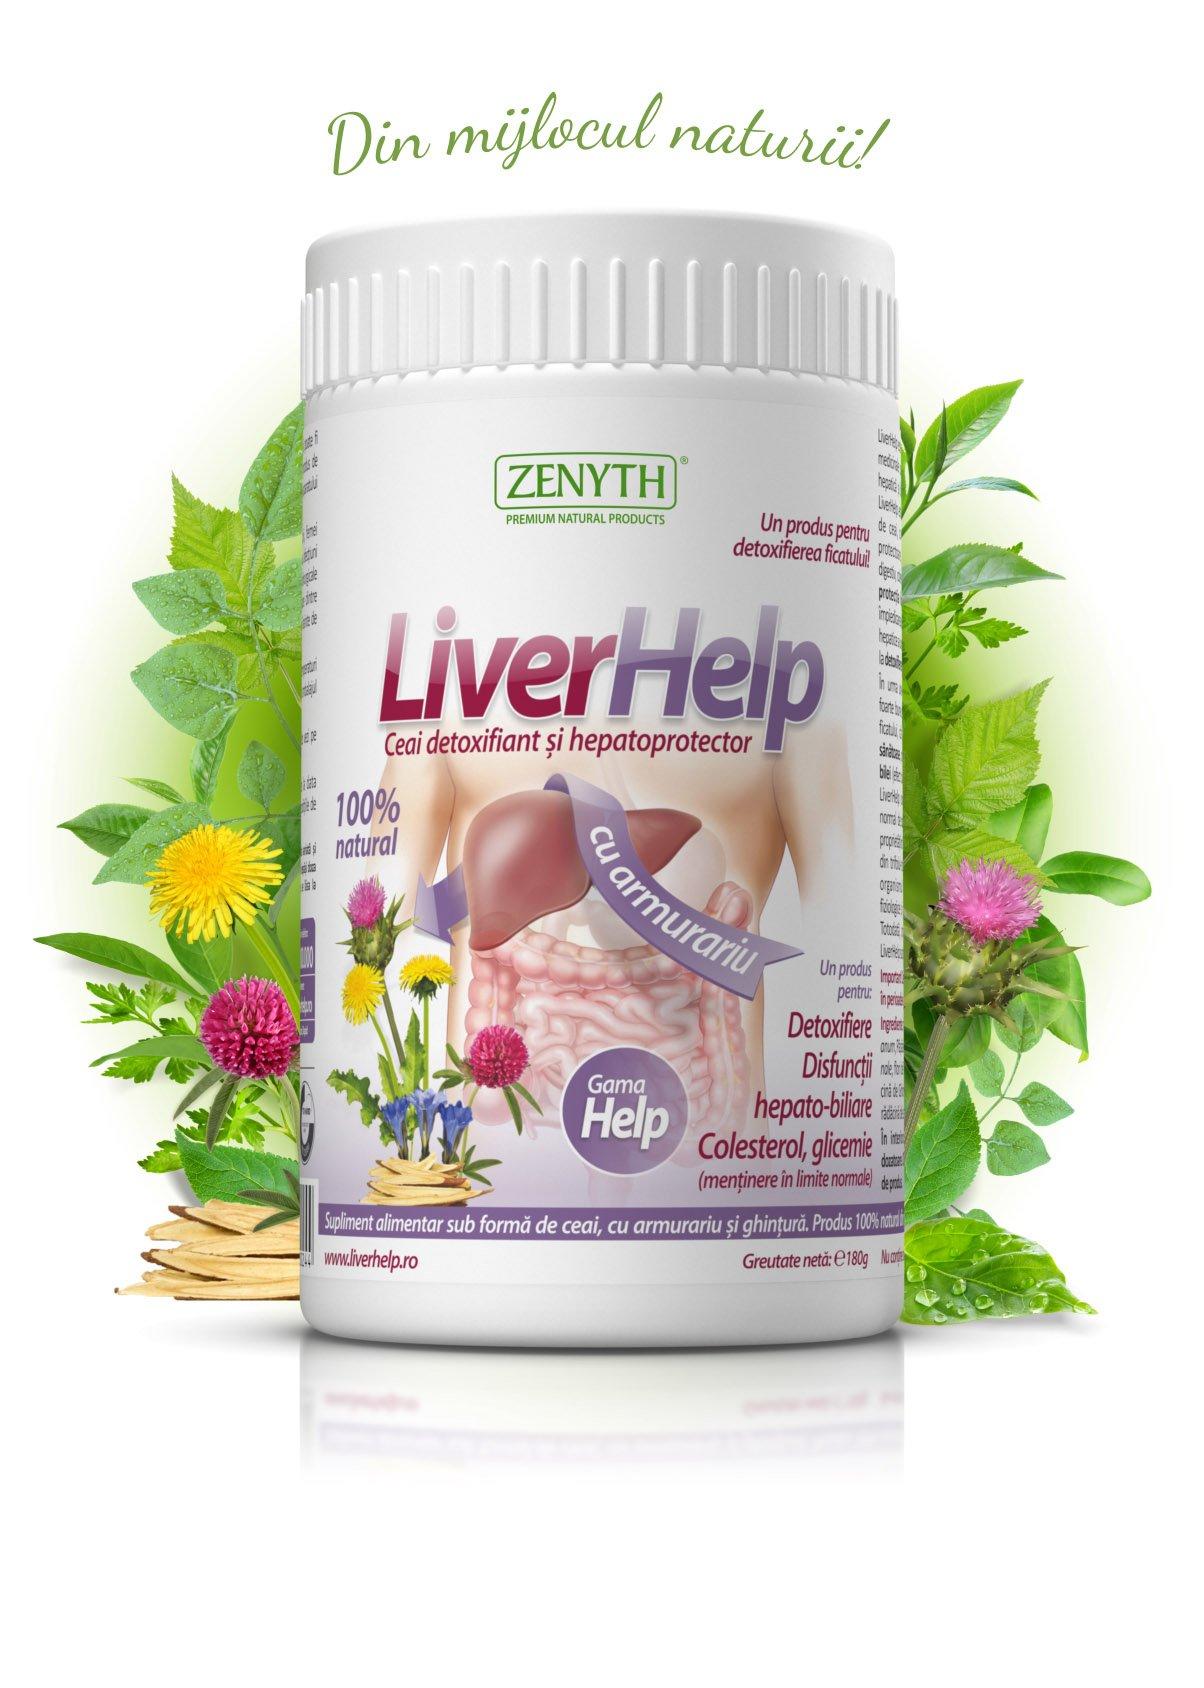 12 alimente care ajuta corpul să se detoxifice si sa se vindece natural